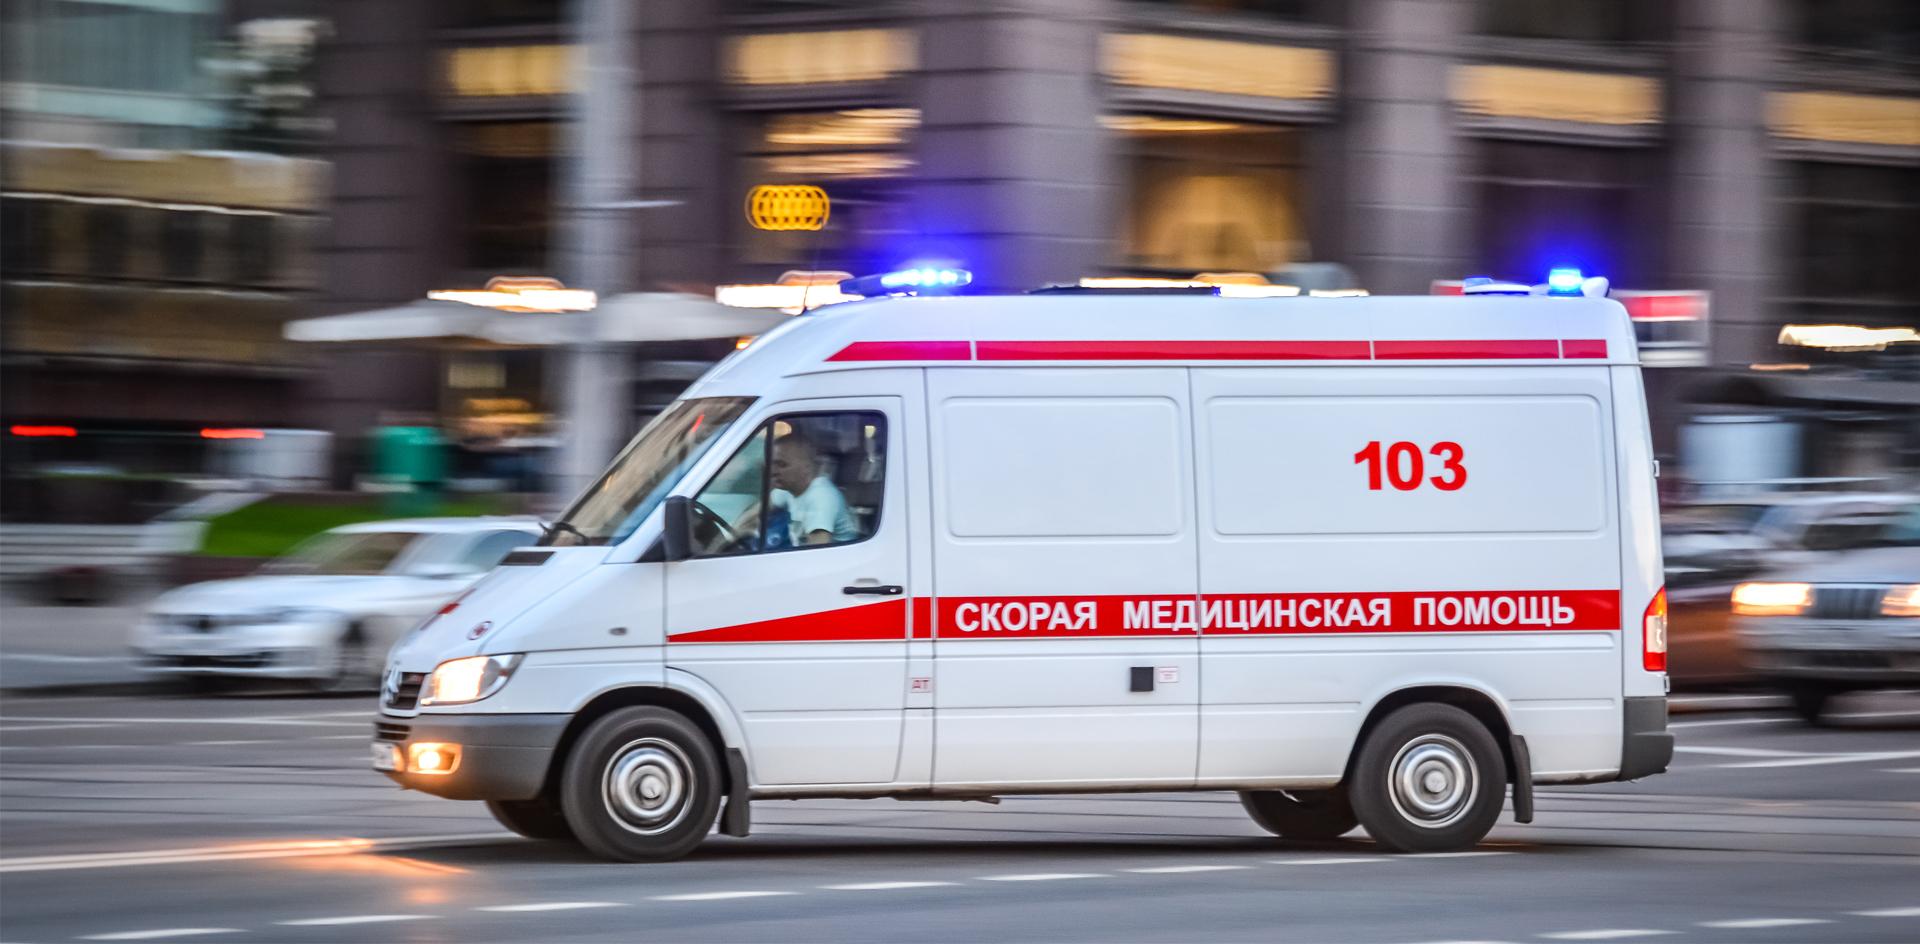 В больнице Екатеринбурга 78 пациентов и врачей заразились коронавирусом